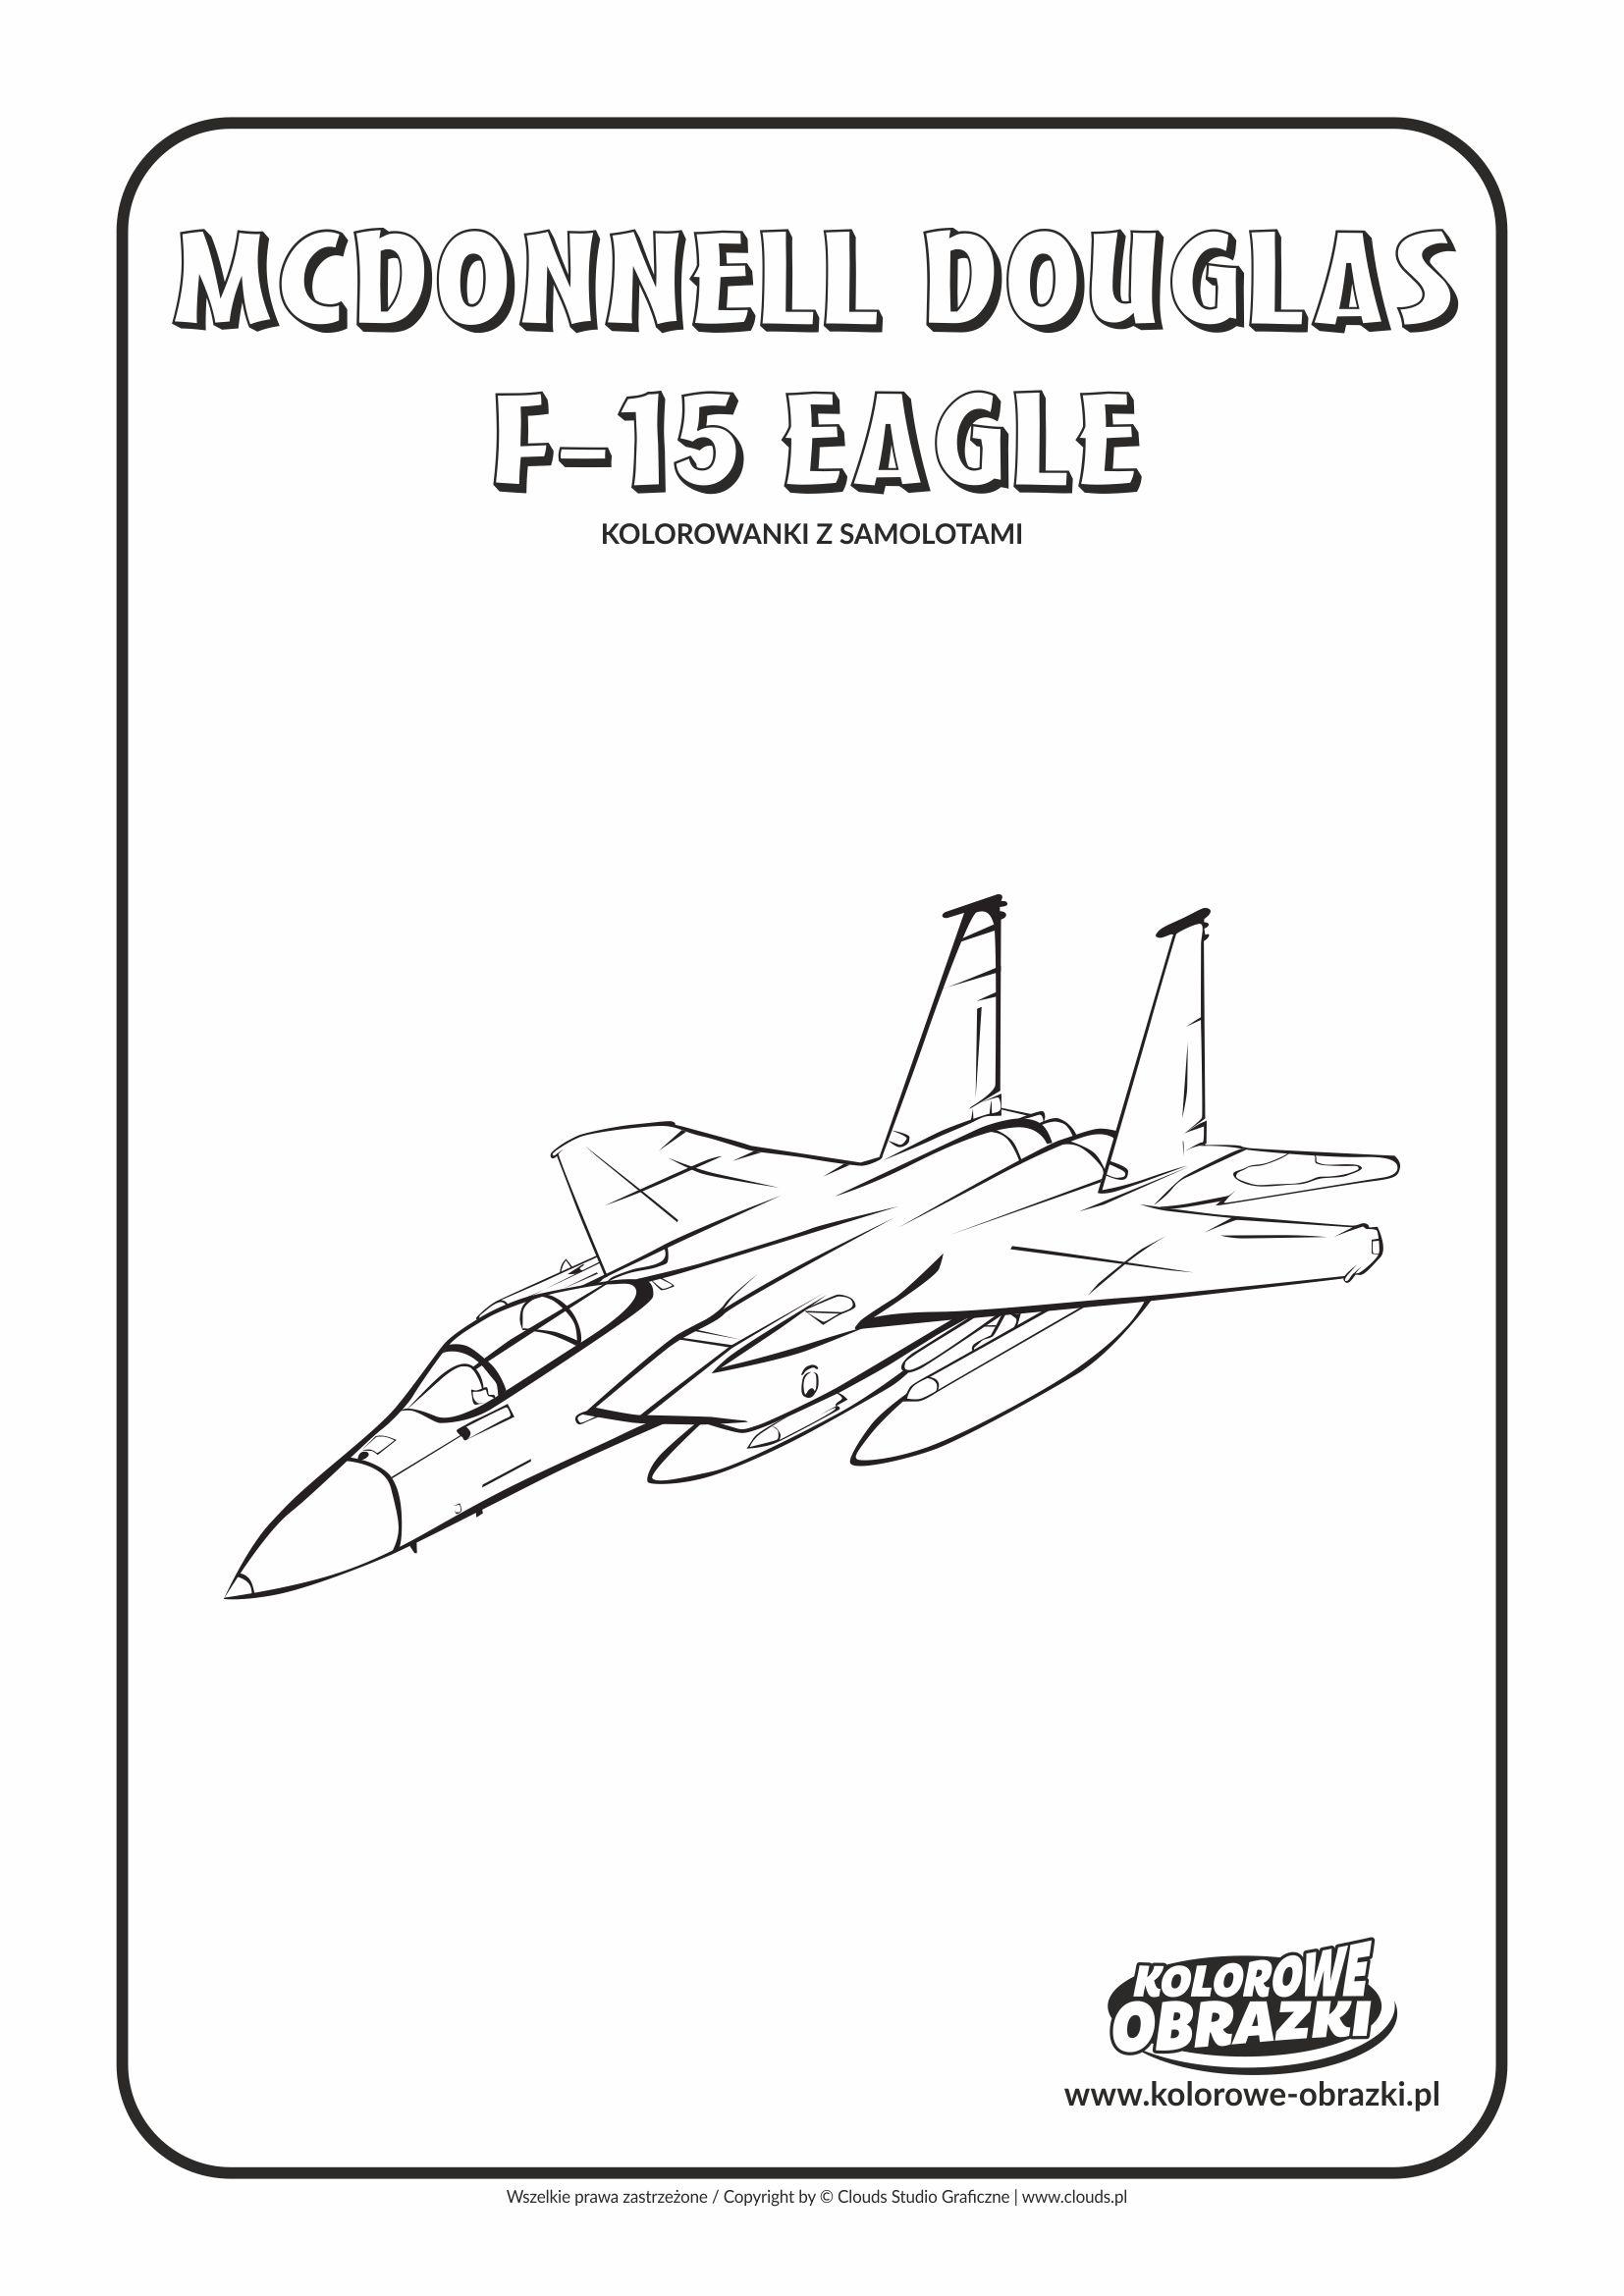 Kolorowanki dla dzieci - Pojazdy / Mcdonnell Douglas F-15 Eagle. Kolorowanka z Mcdonnell Douglas F-15 Eagle